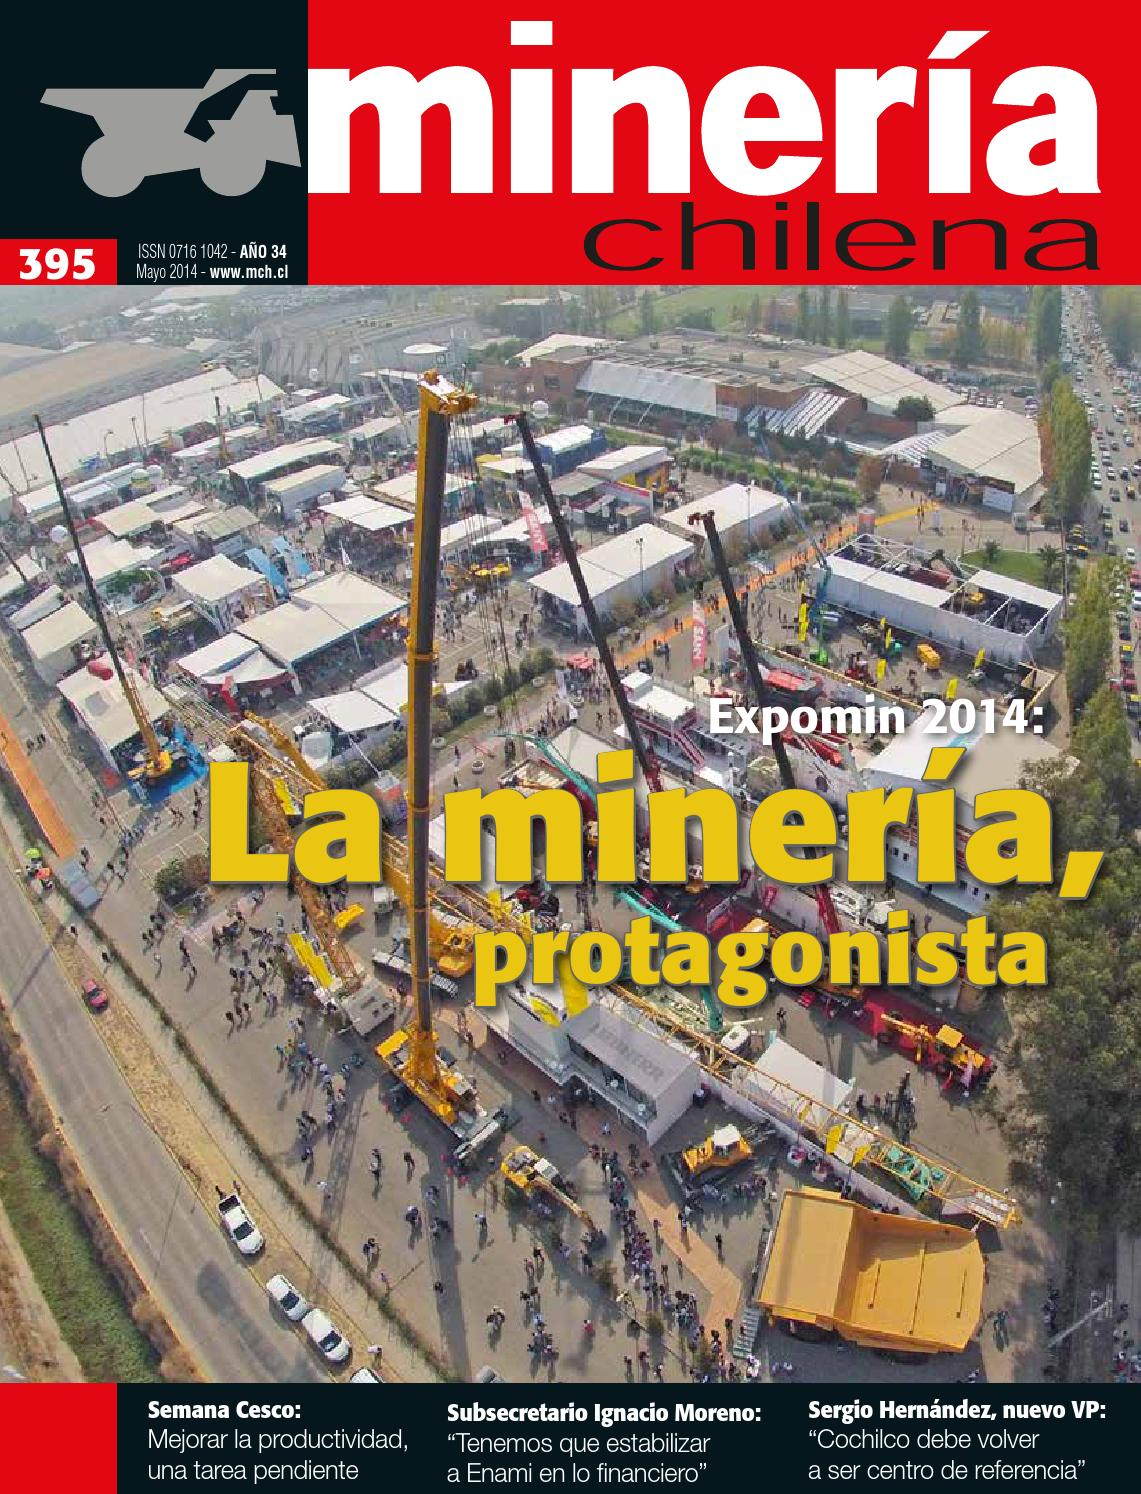 MINERÍA CHILENA 395 by Editec - issuu